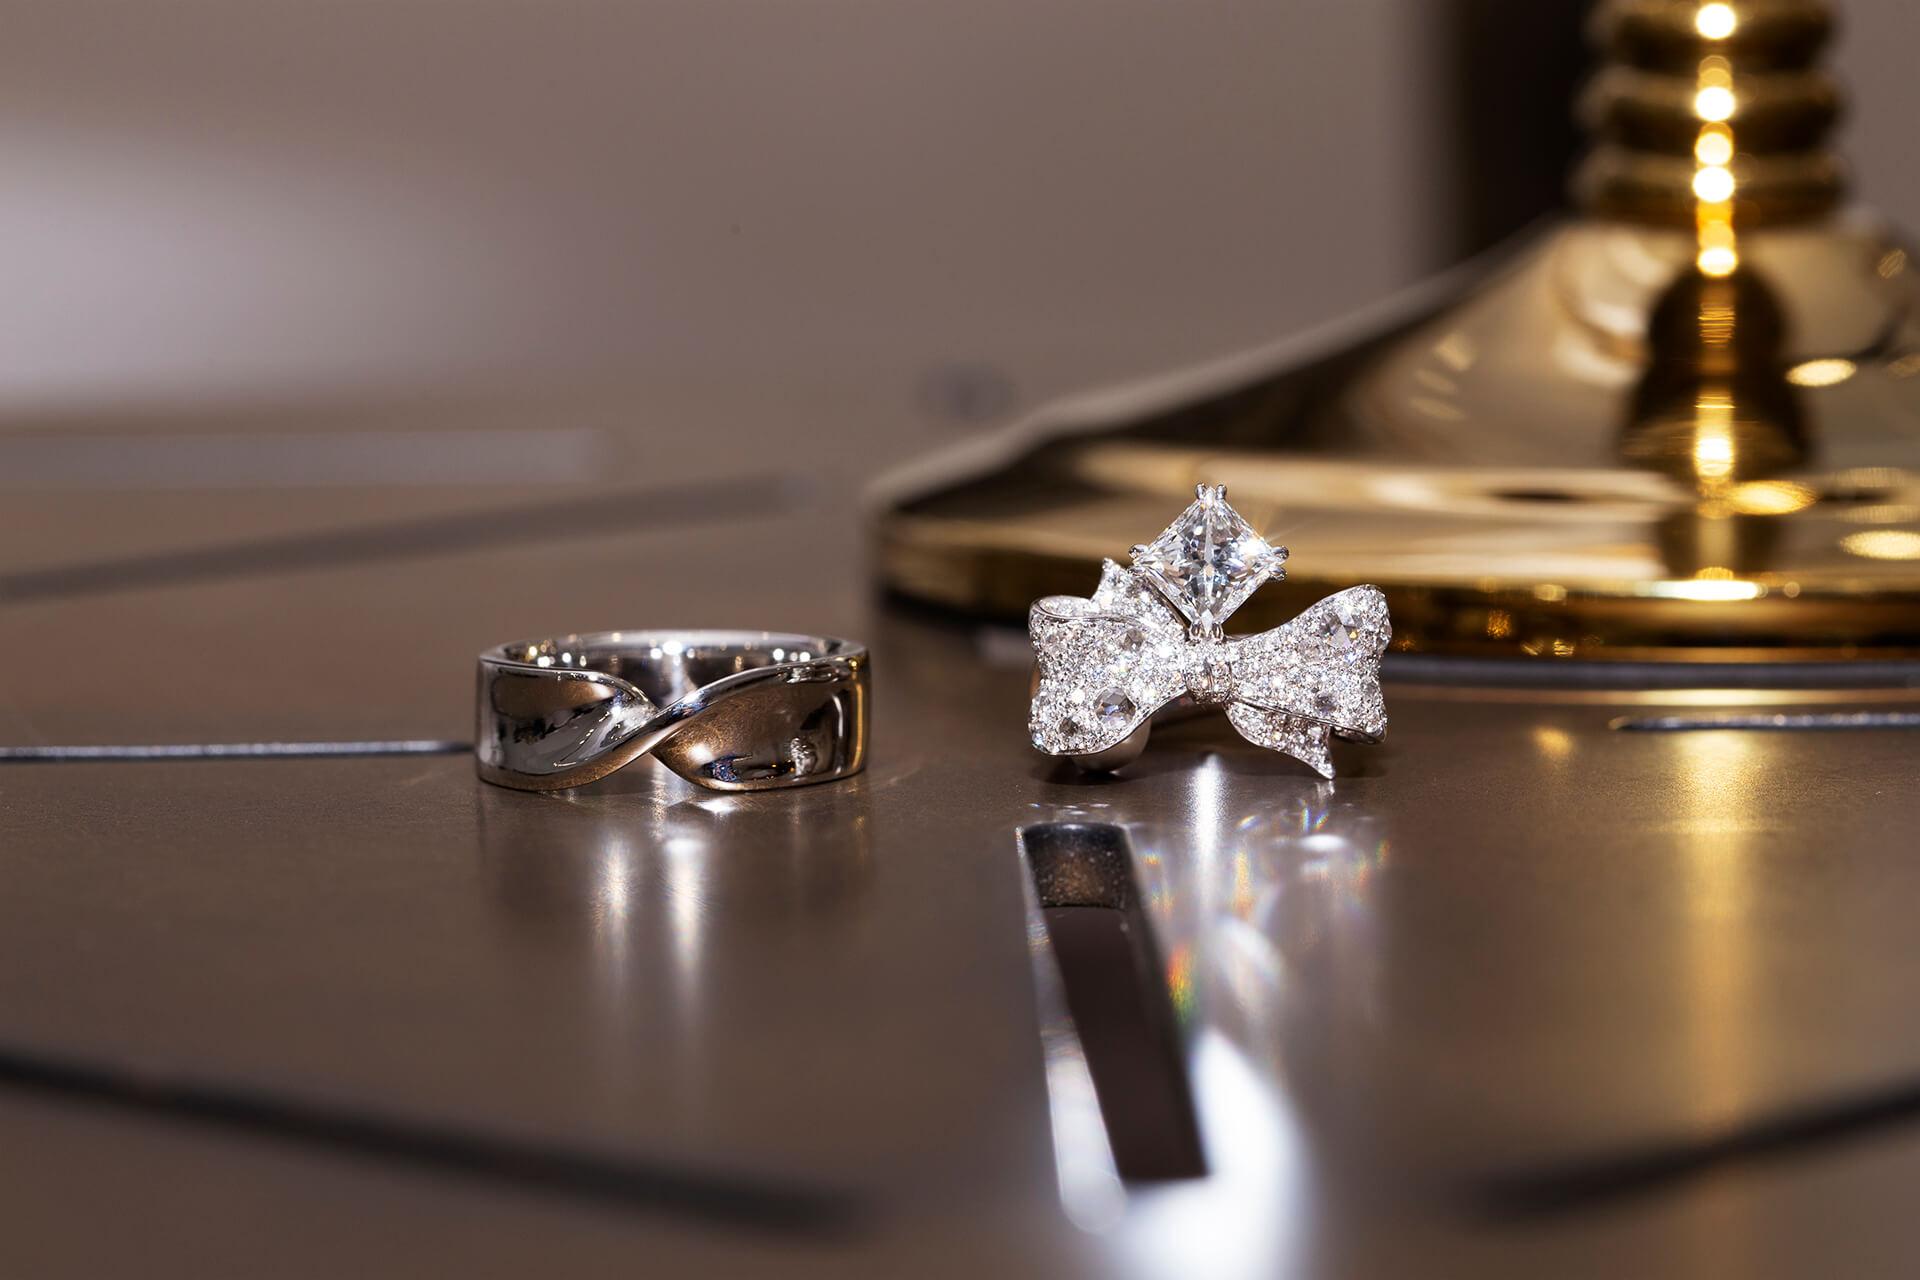 此珠寶設計以「彼此的禮物」為概念發想,以蝴蝶結和緞帶造型作為週年結婚對戒主軸